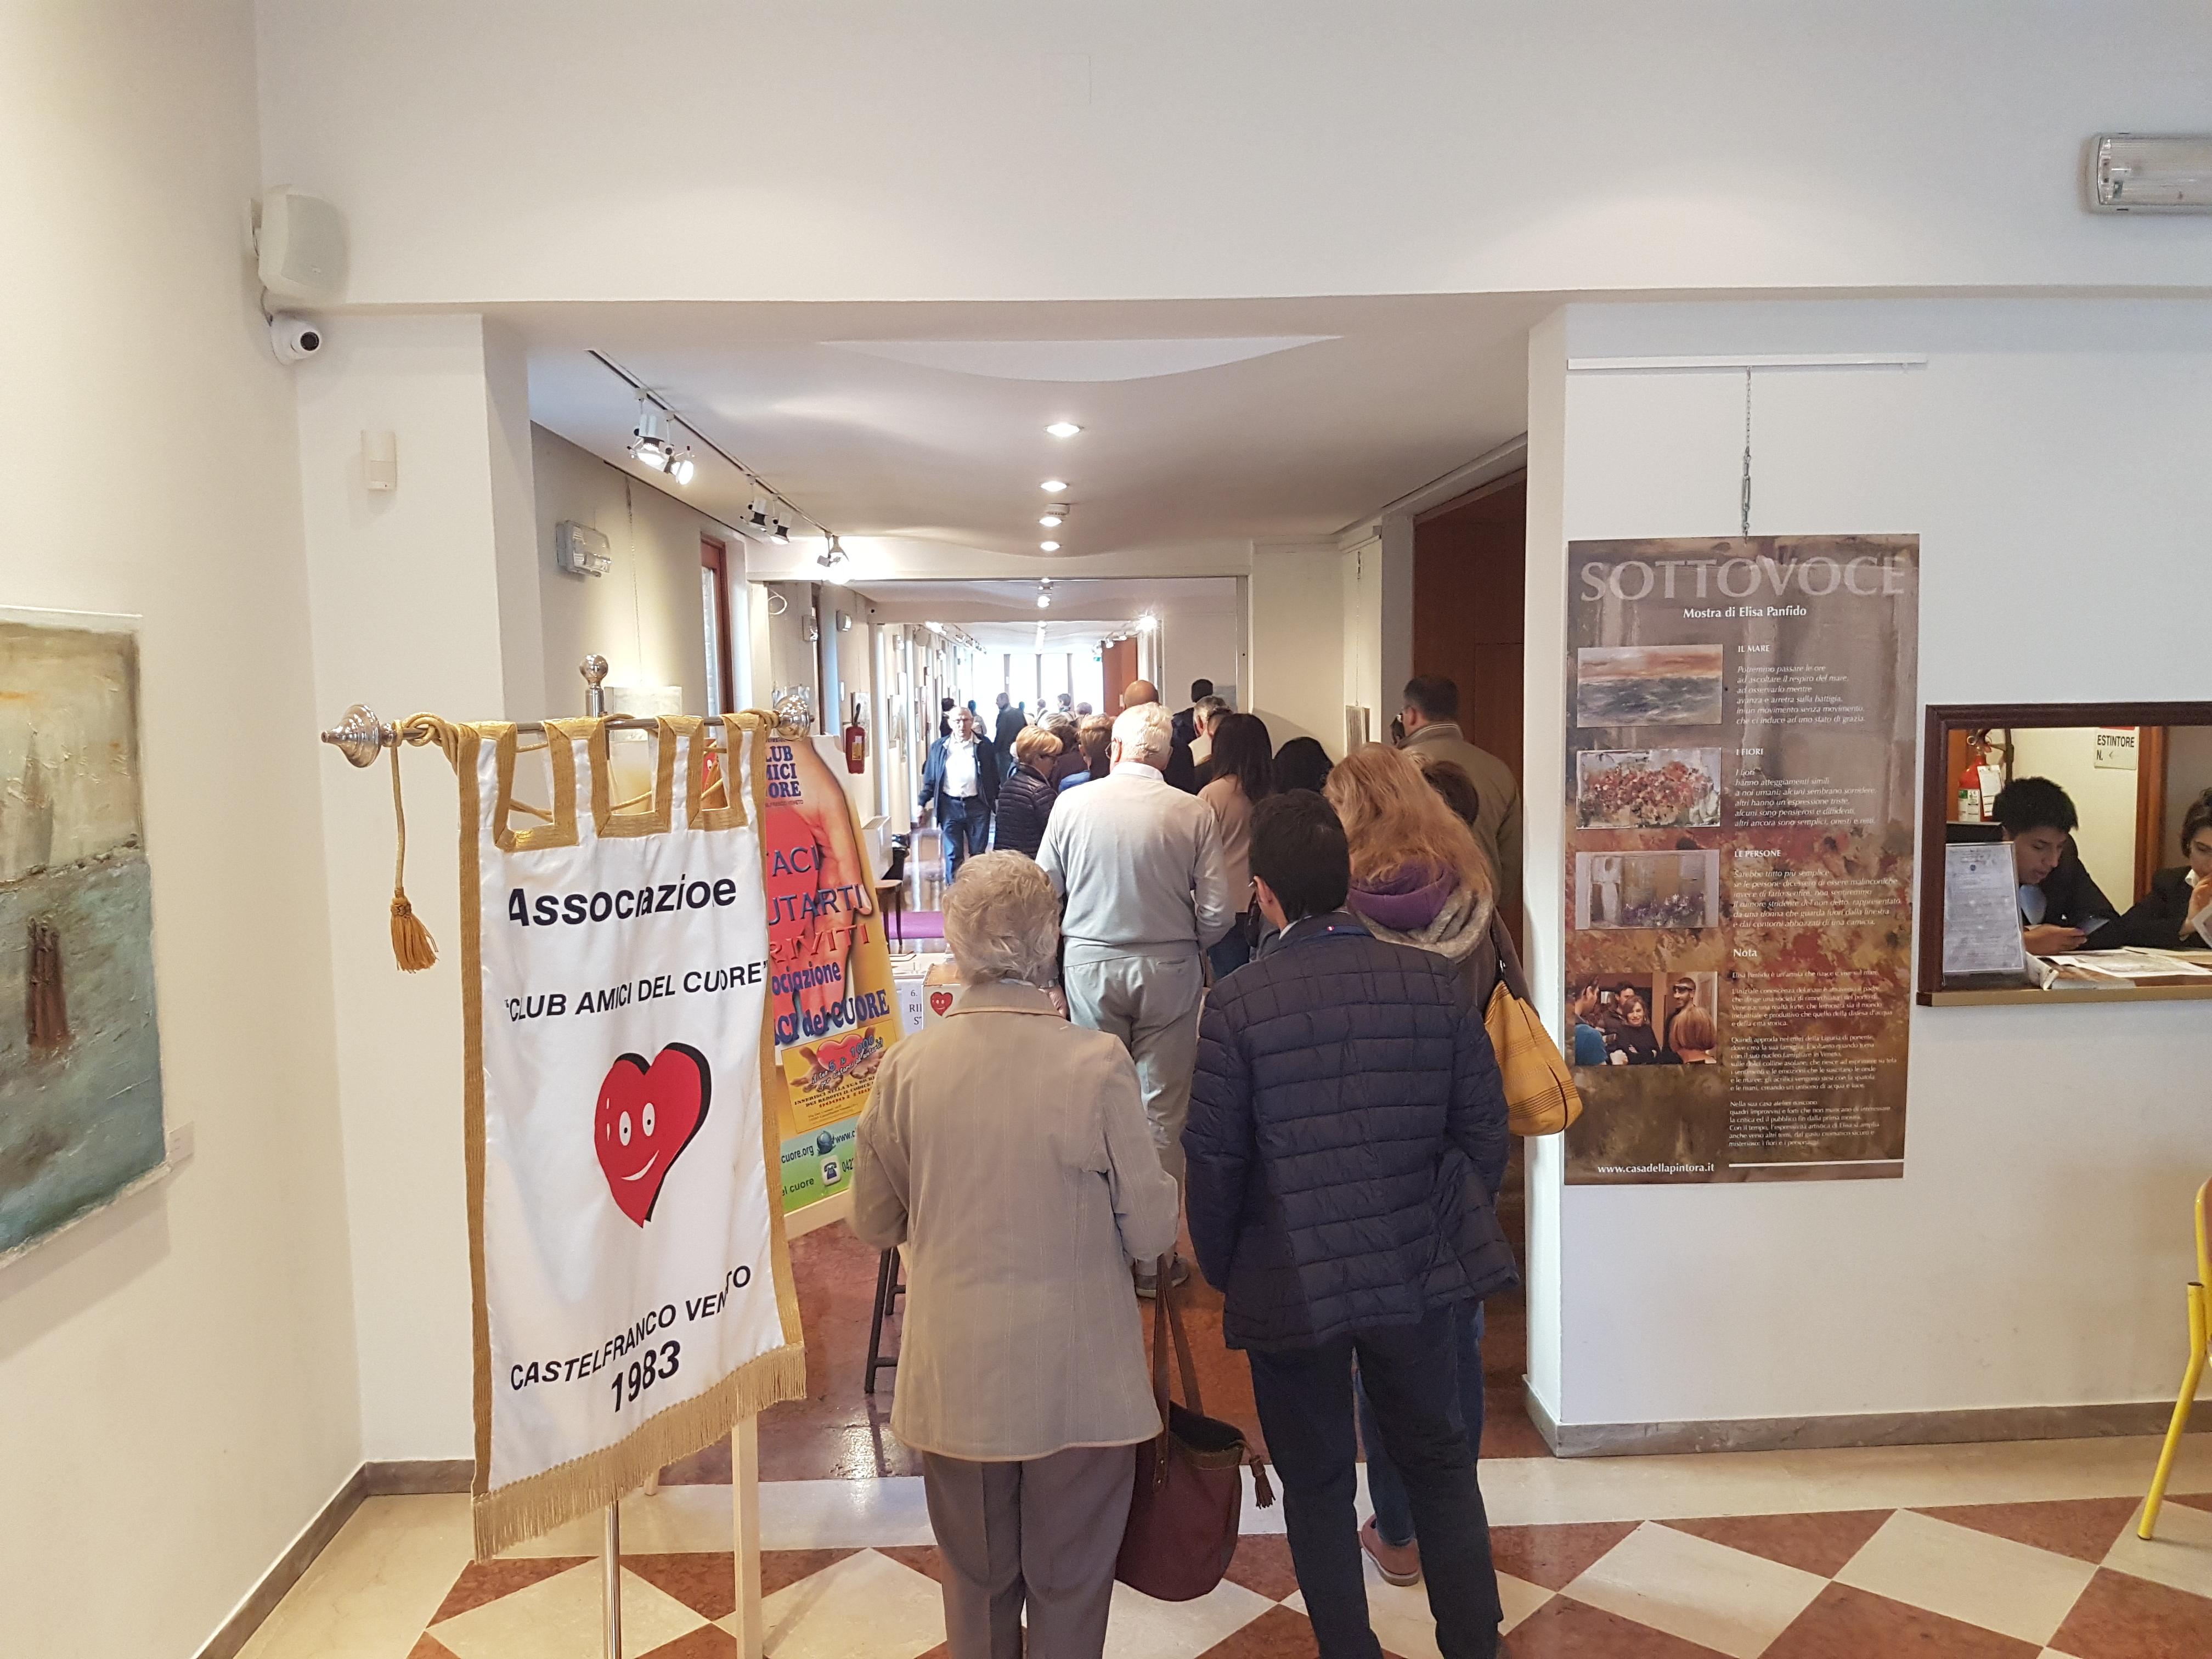 giornata mondiale del cuore Teatro Accademico Castelfranco Veneto 15/10/2017